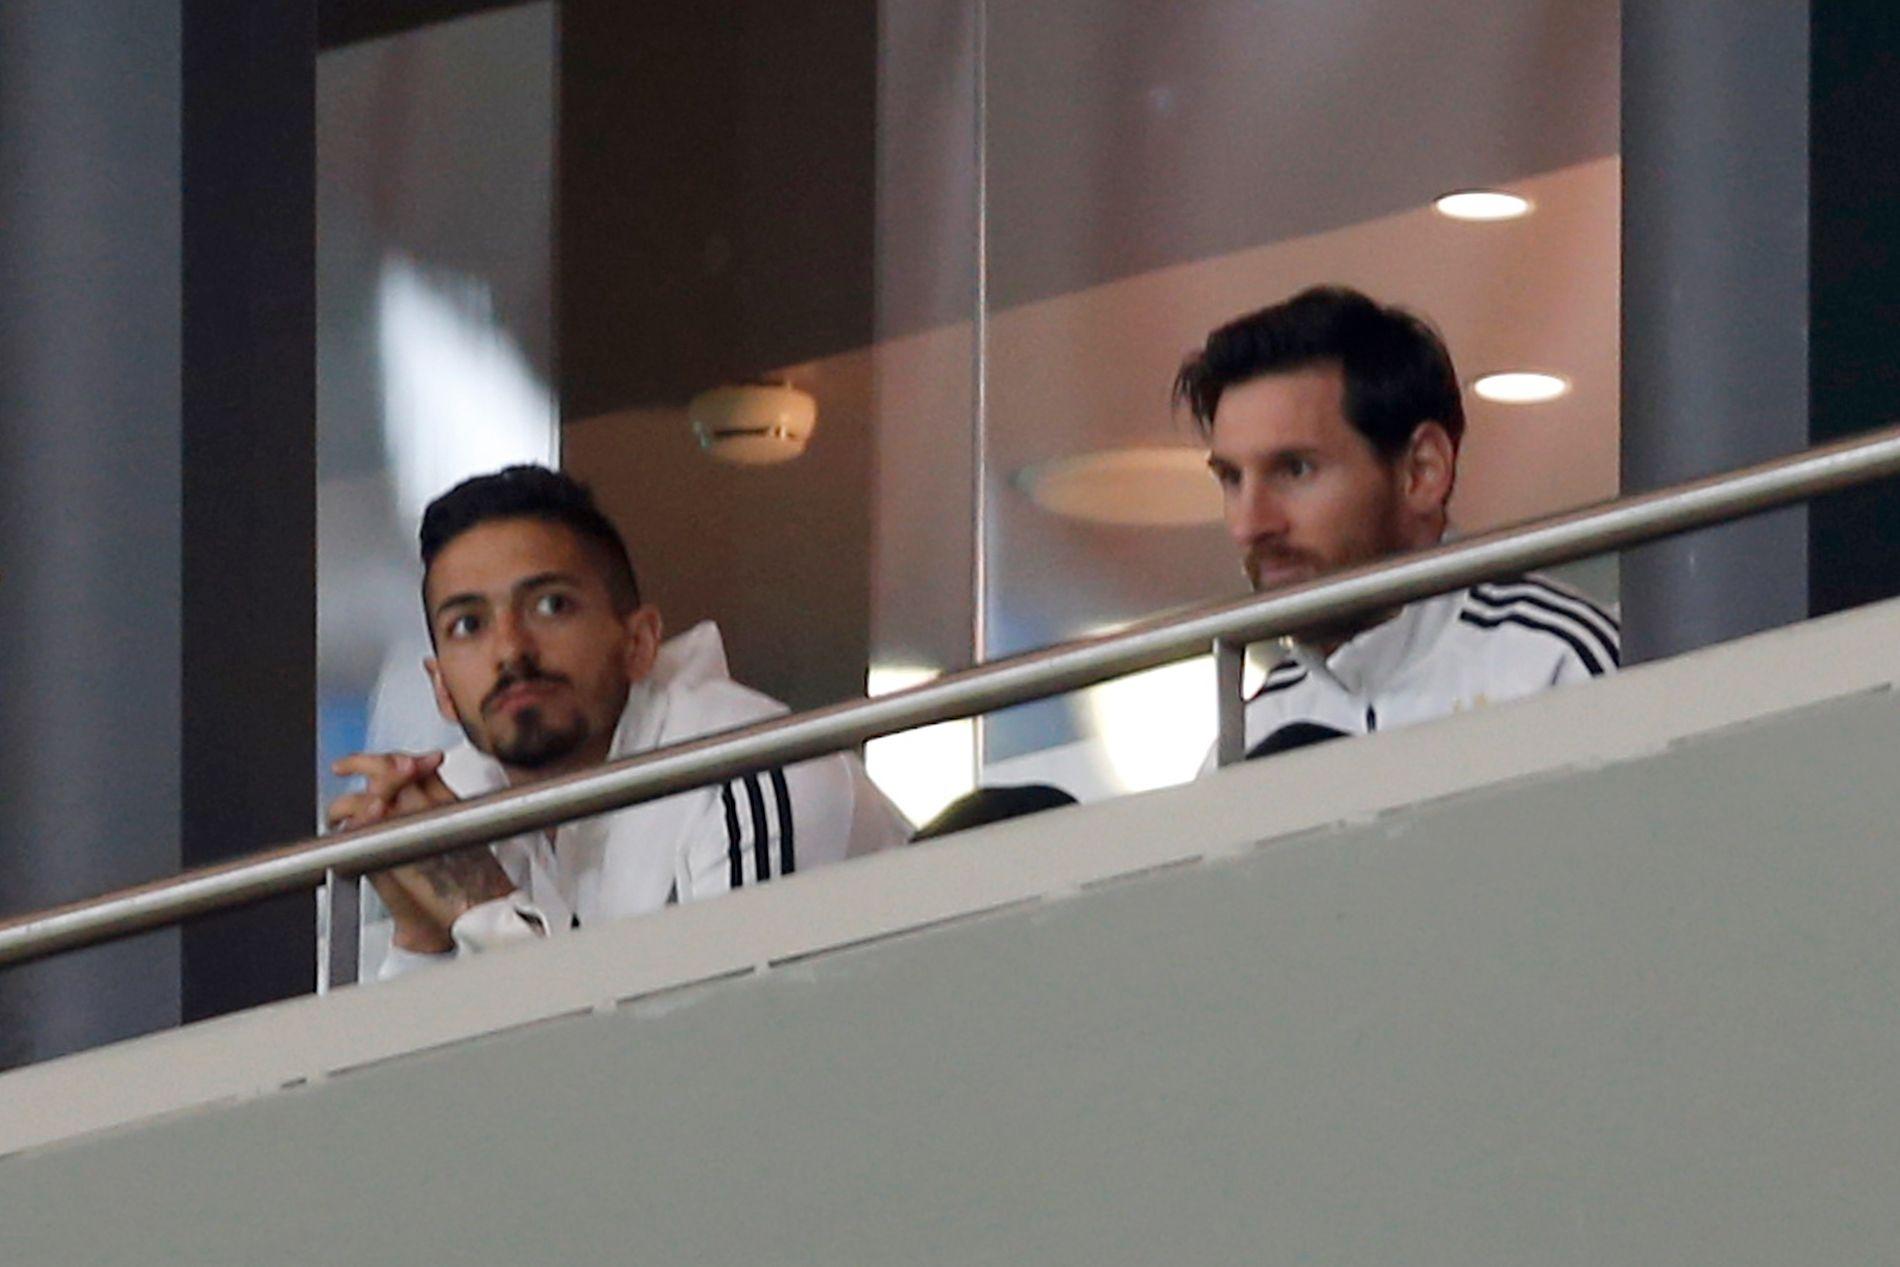 TILSKUER: Fra tribunen måtte Lionel Messi (til høyre) måtte nøye seg med tribuneplass da han Argentina fikk bank i Madrid.